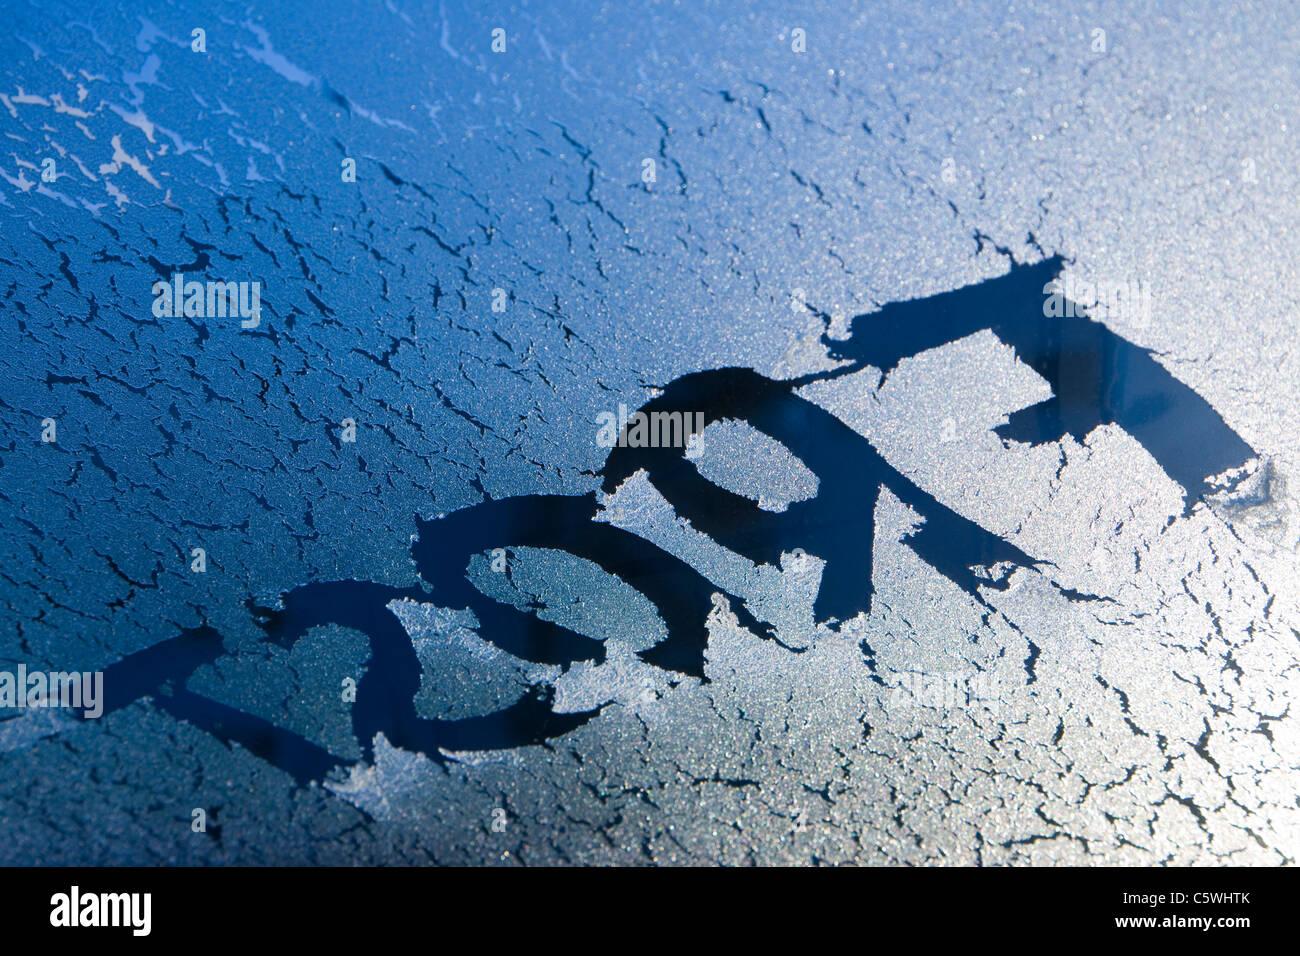 Germany, Stuttgart, 'Frost' written on frozen windscreen - Stock Image